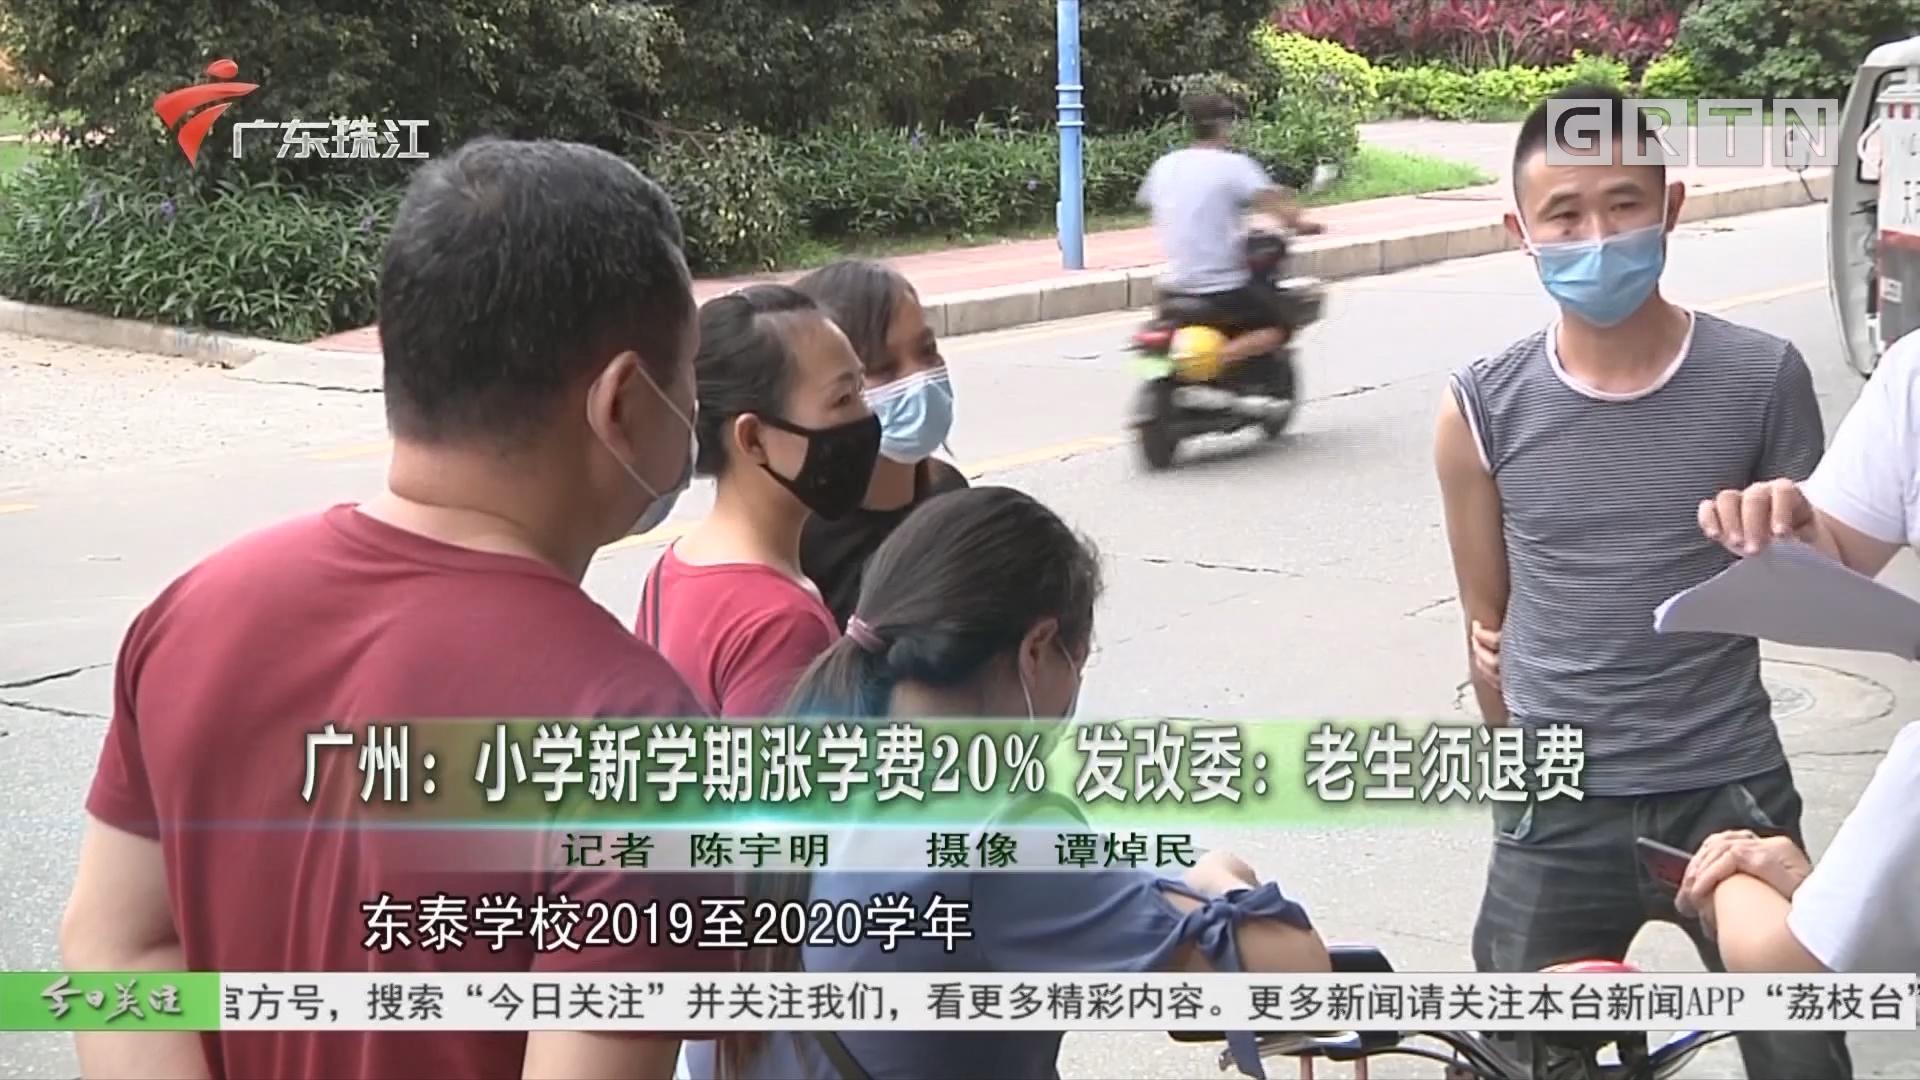 广州:小学新学期涨学费20% 发改委:老生须退费